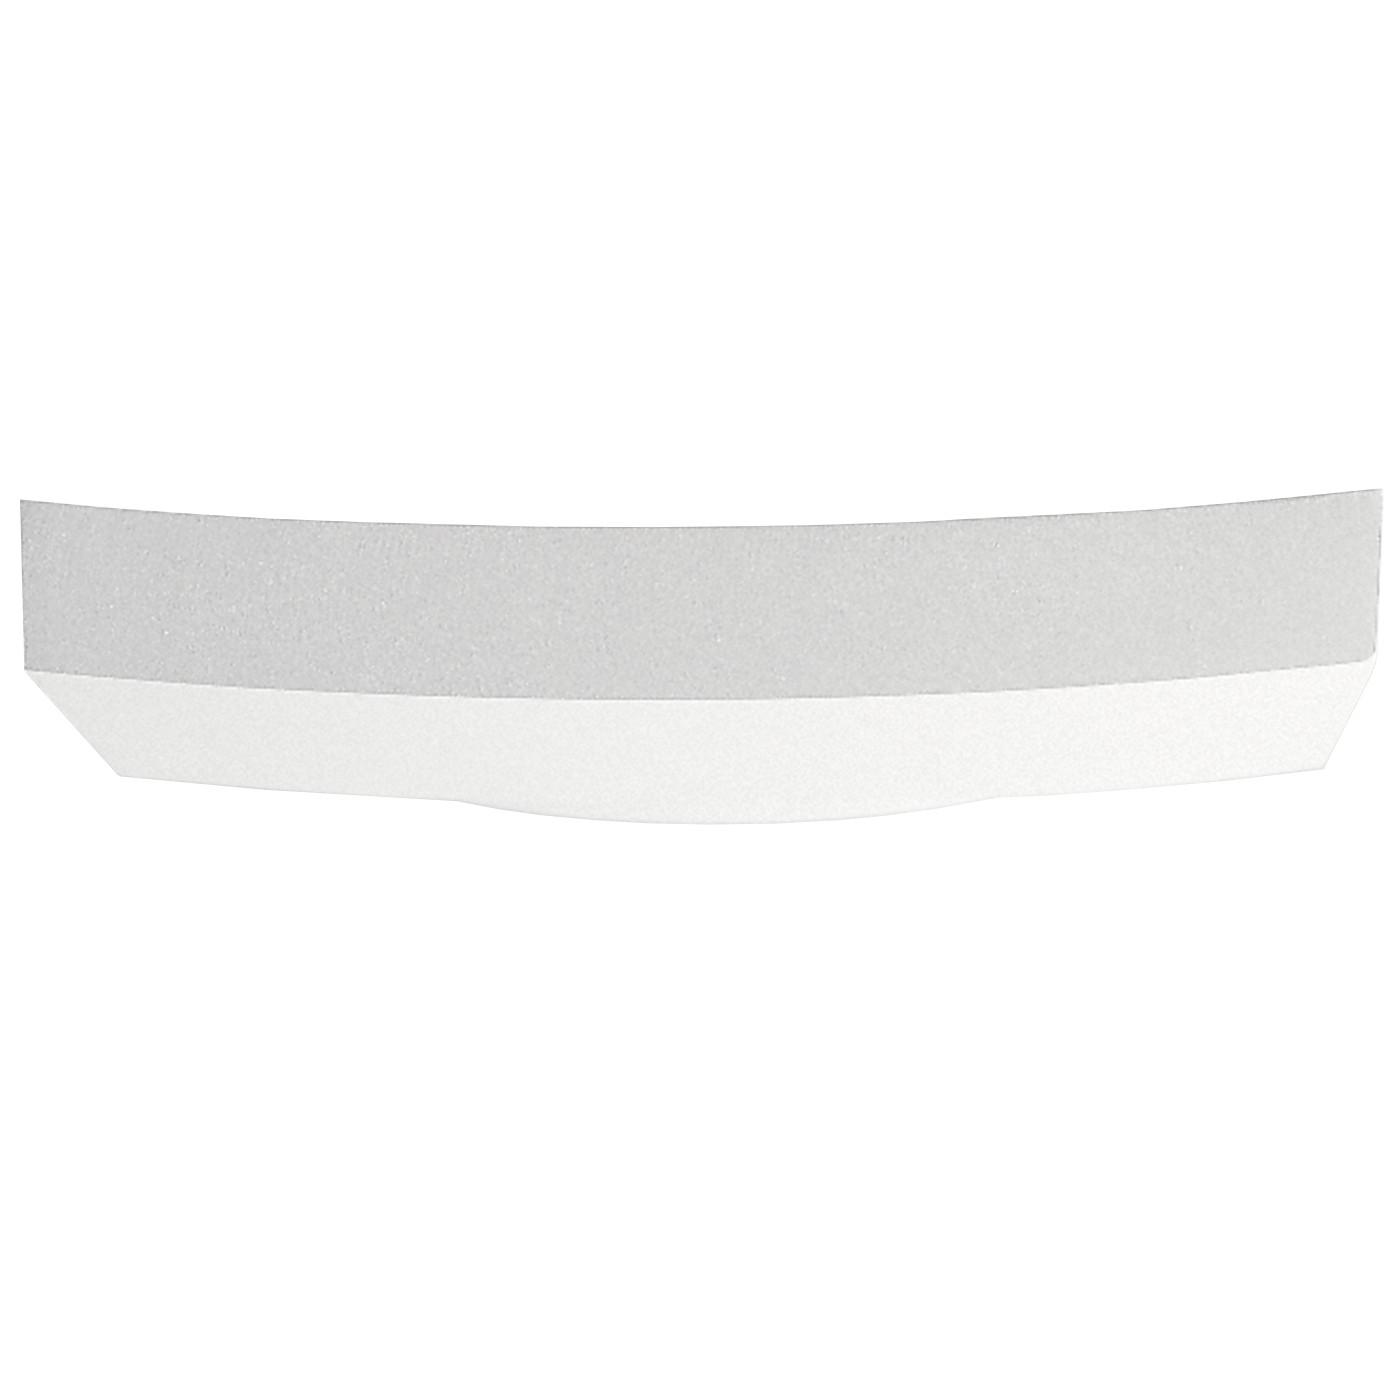 Artemide Surf 300 LED